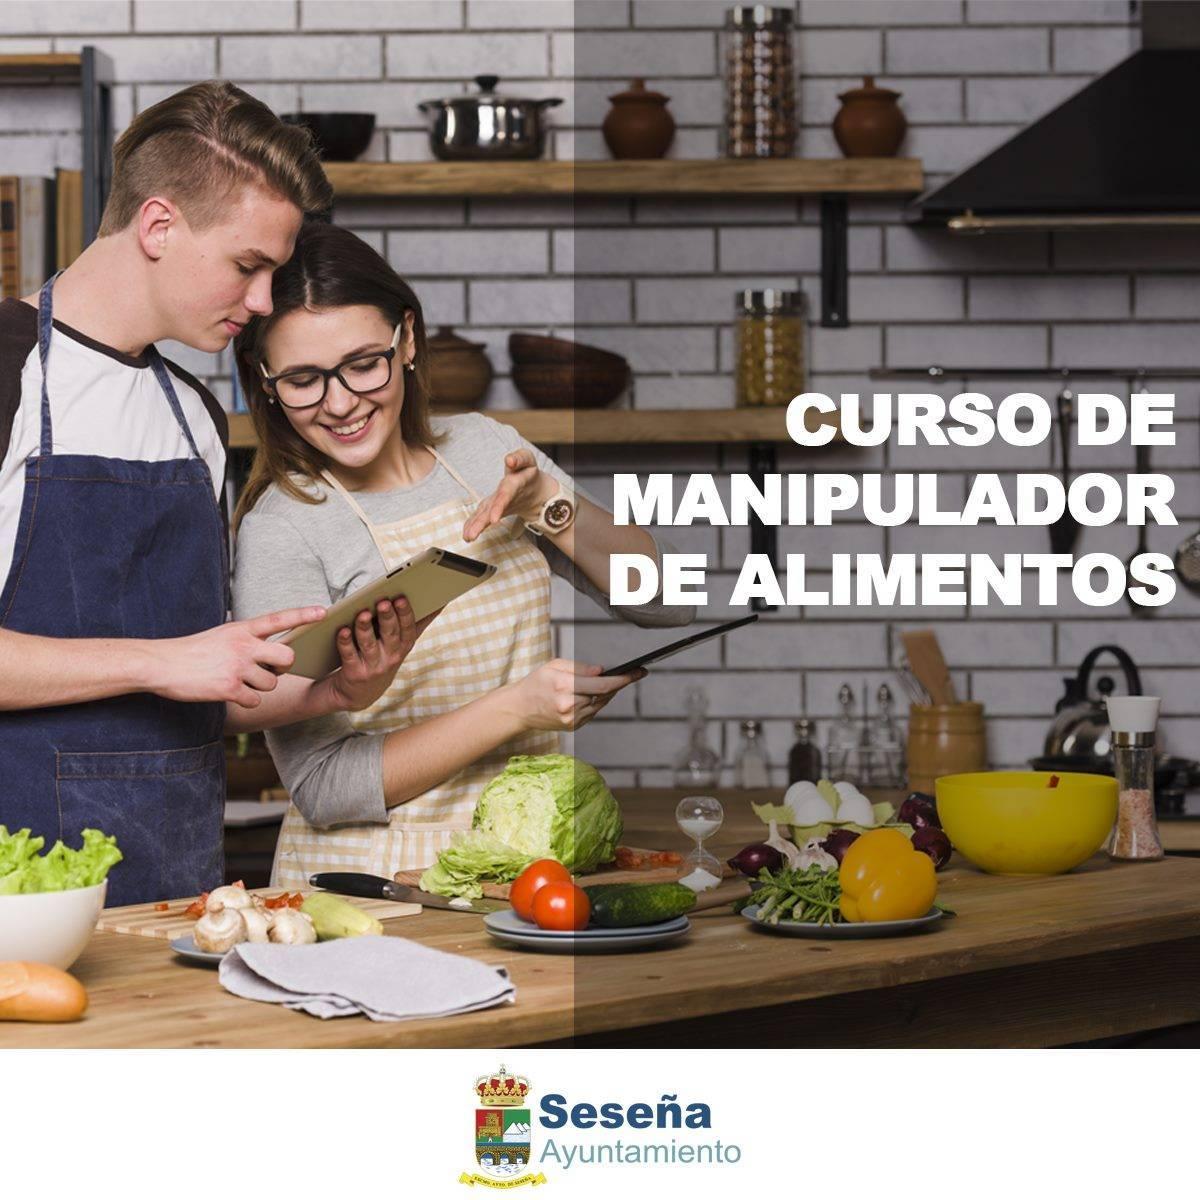 Curso de manipulador de alimentos (2020) - Seseña (Toledo)